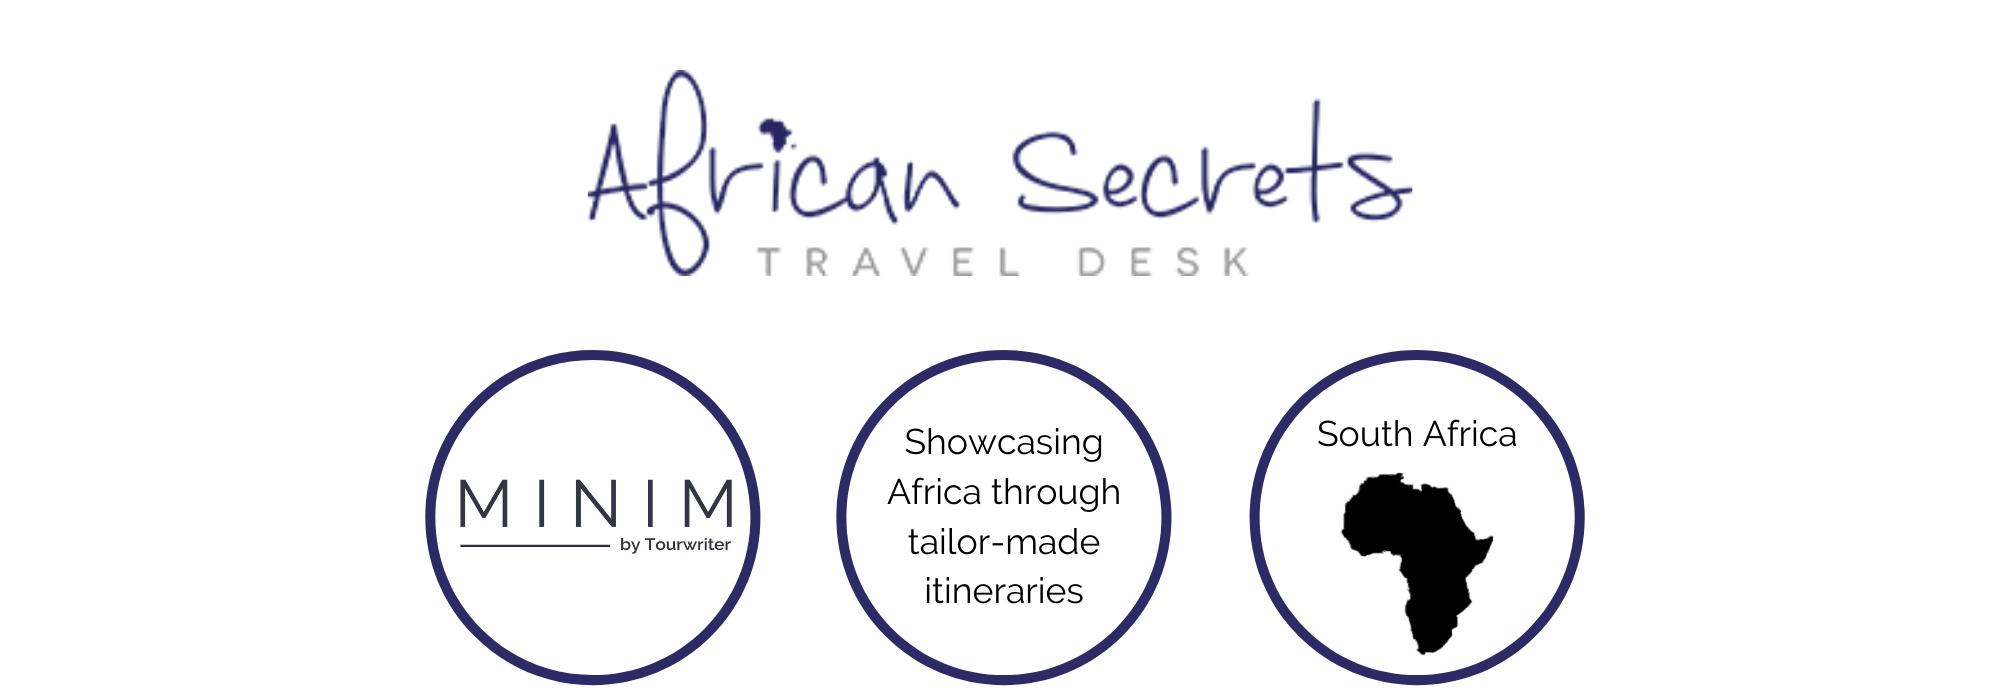 African Secrets Travel Desk